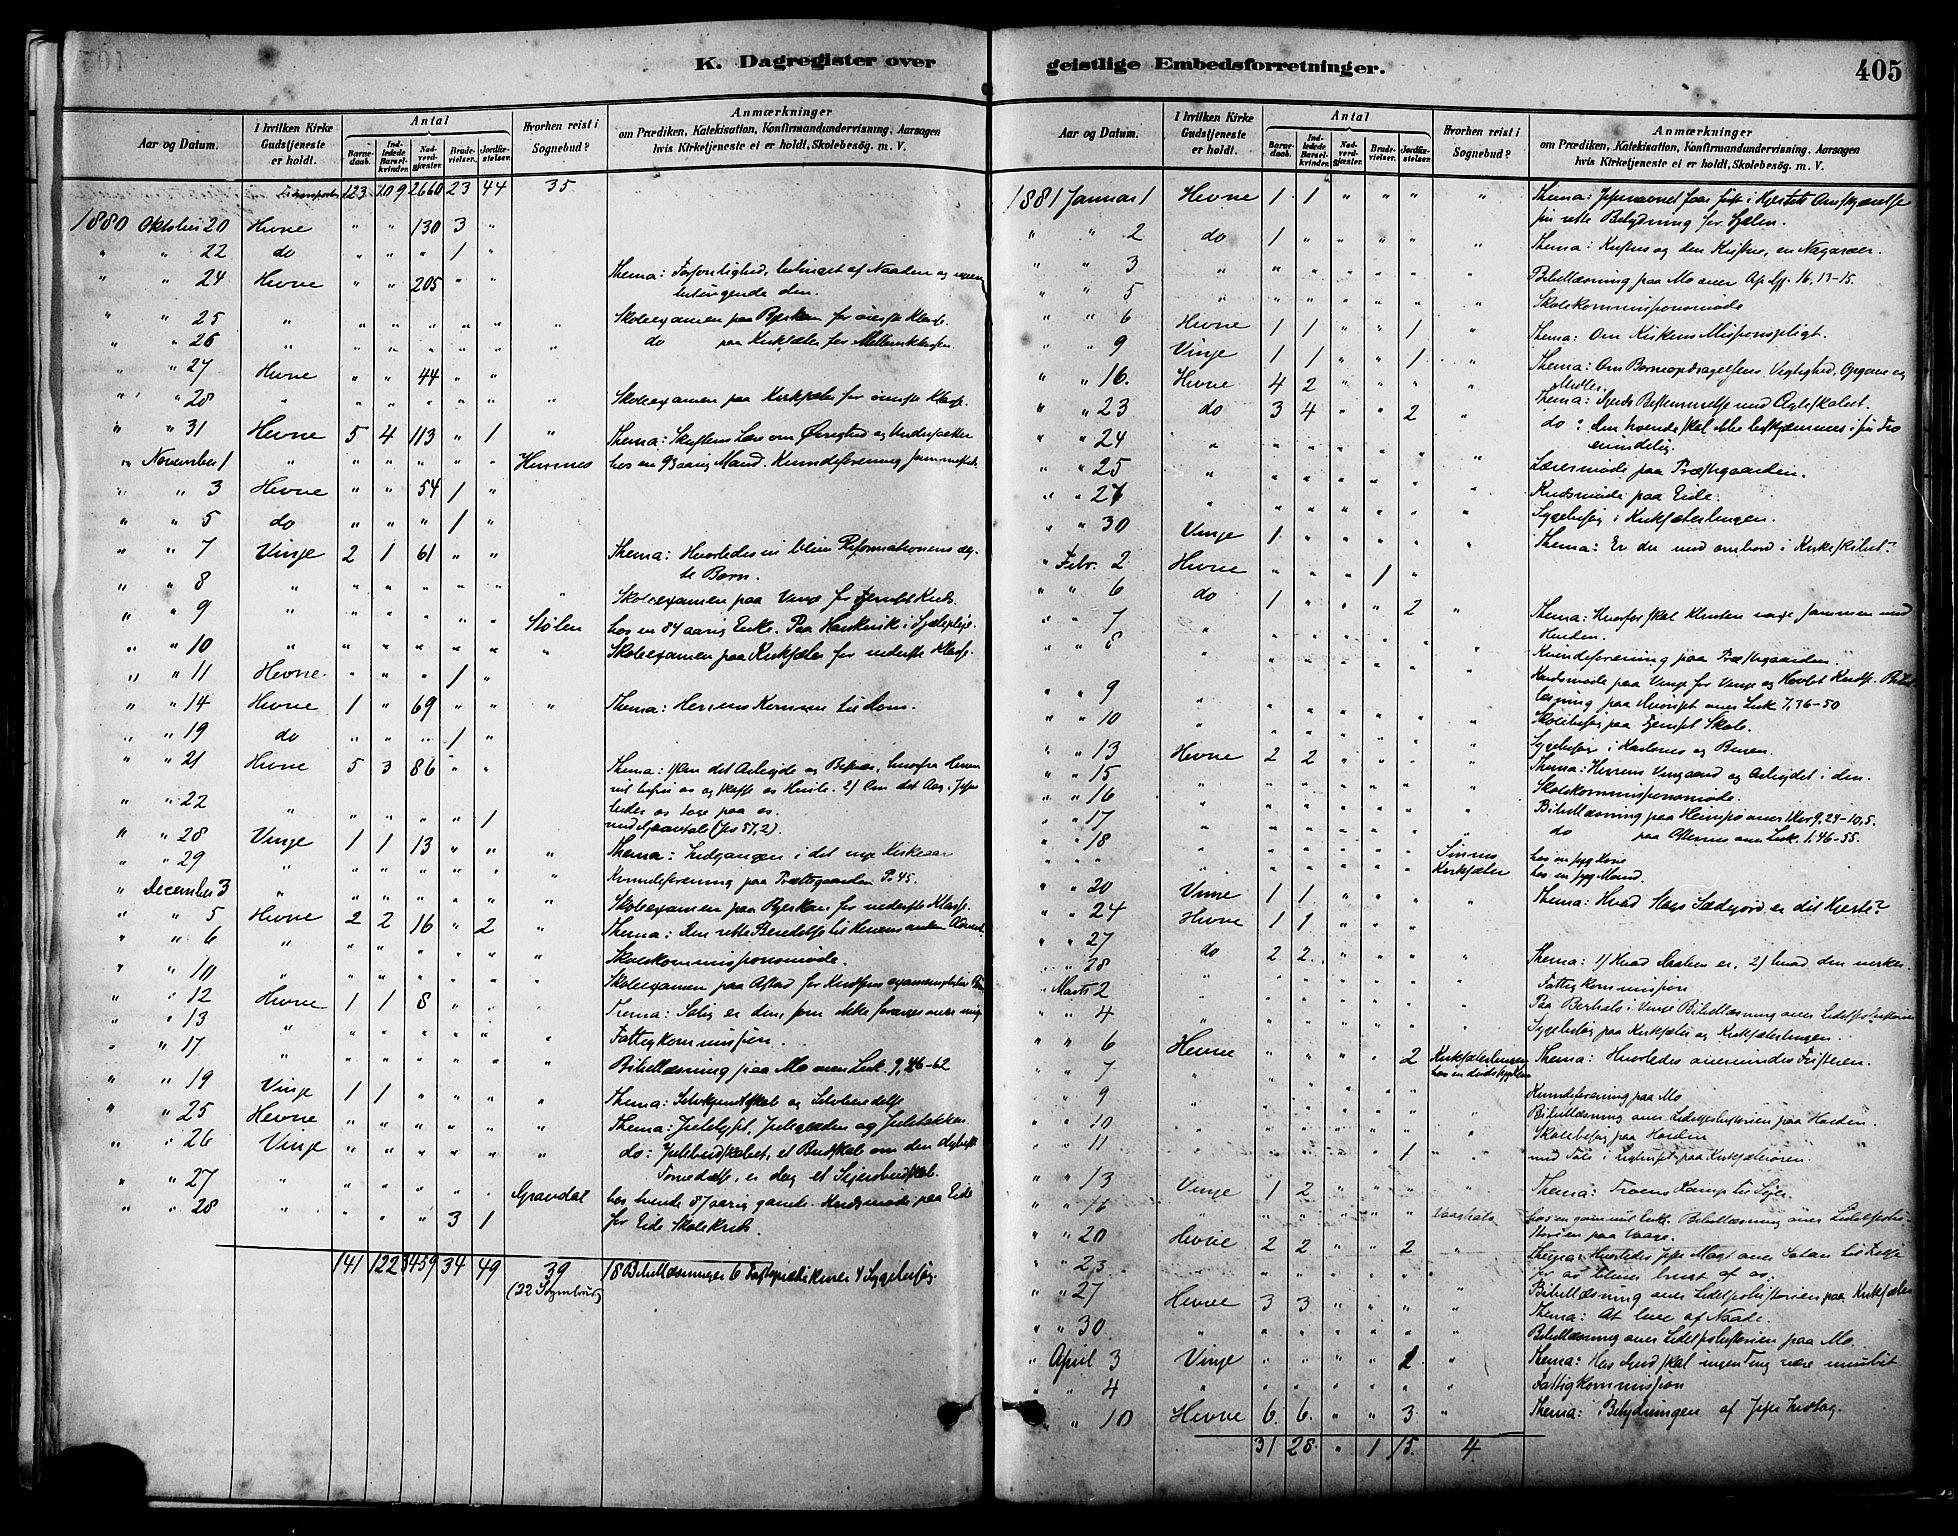 SAT, Ministerialprotokoller, klokkerbøker og fødselsregistre - Sør-Trøndelag, 630/L0496: Ministerialbok nr. 630A09, 1879-1895, s. 405